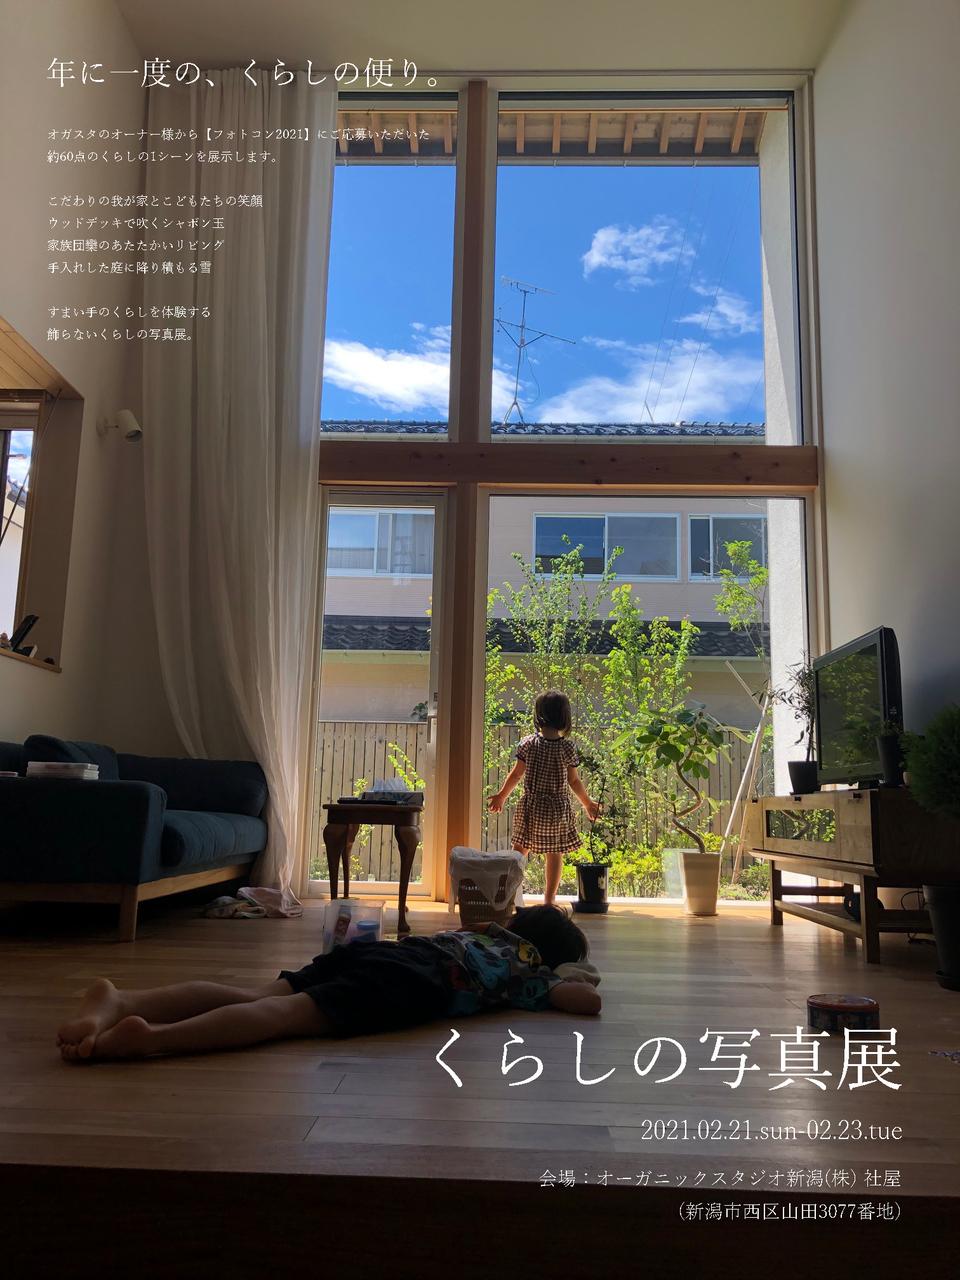 2/21(日)・22(月)・23(祝・火)[フォトコン2021]くらしの写真展